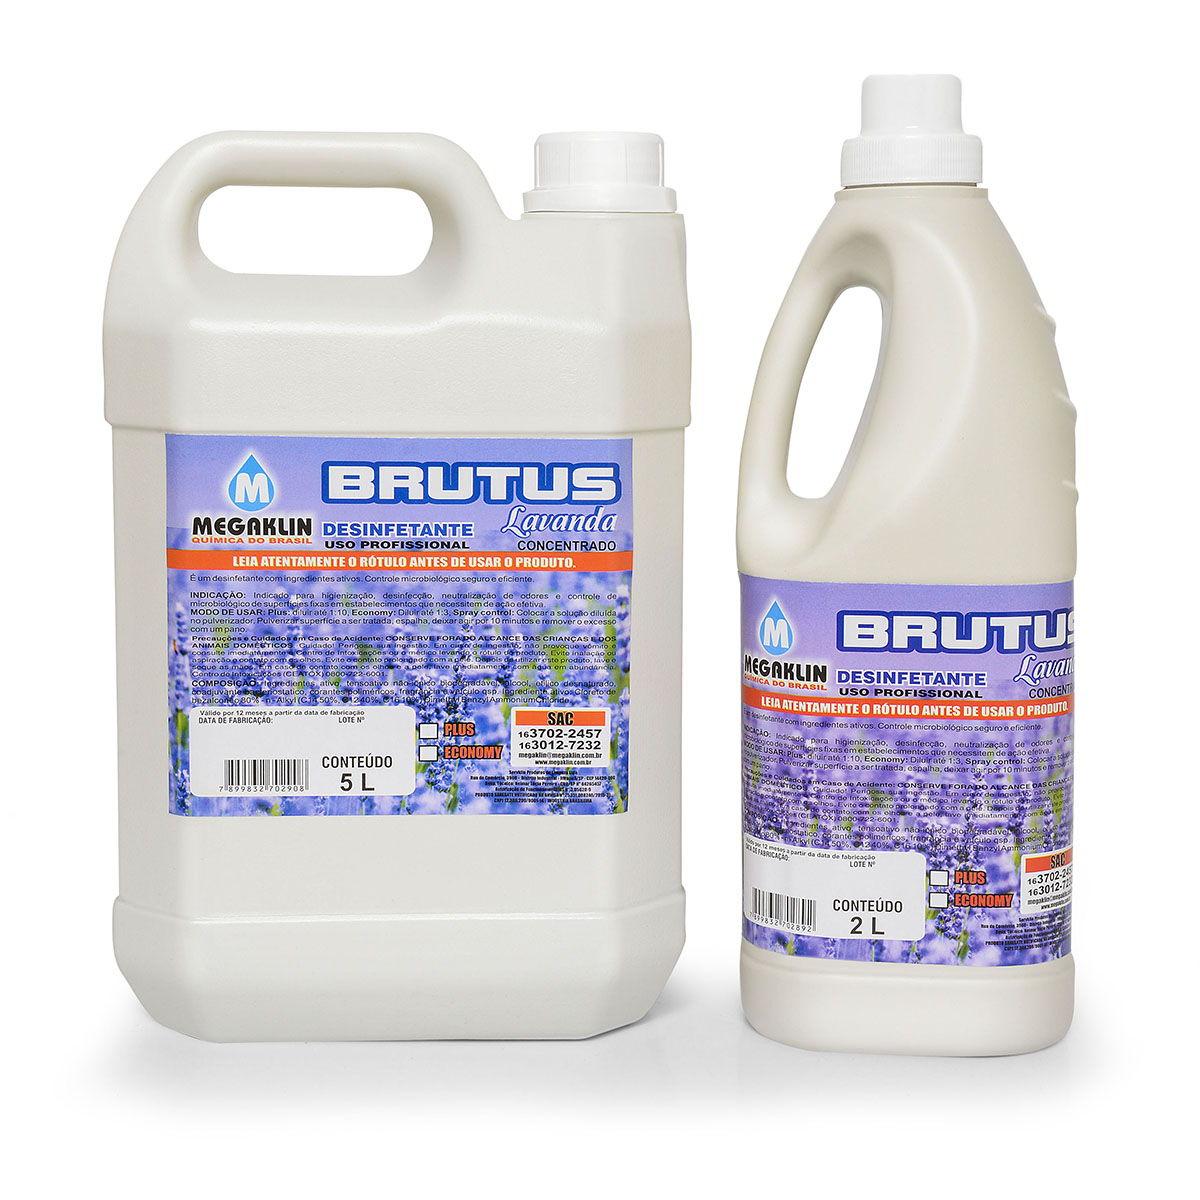 Desinfetante Concentrado para Uso Profissional Brutus Lavanda Megaklin